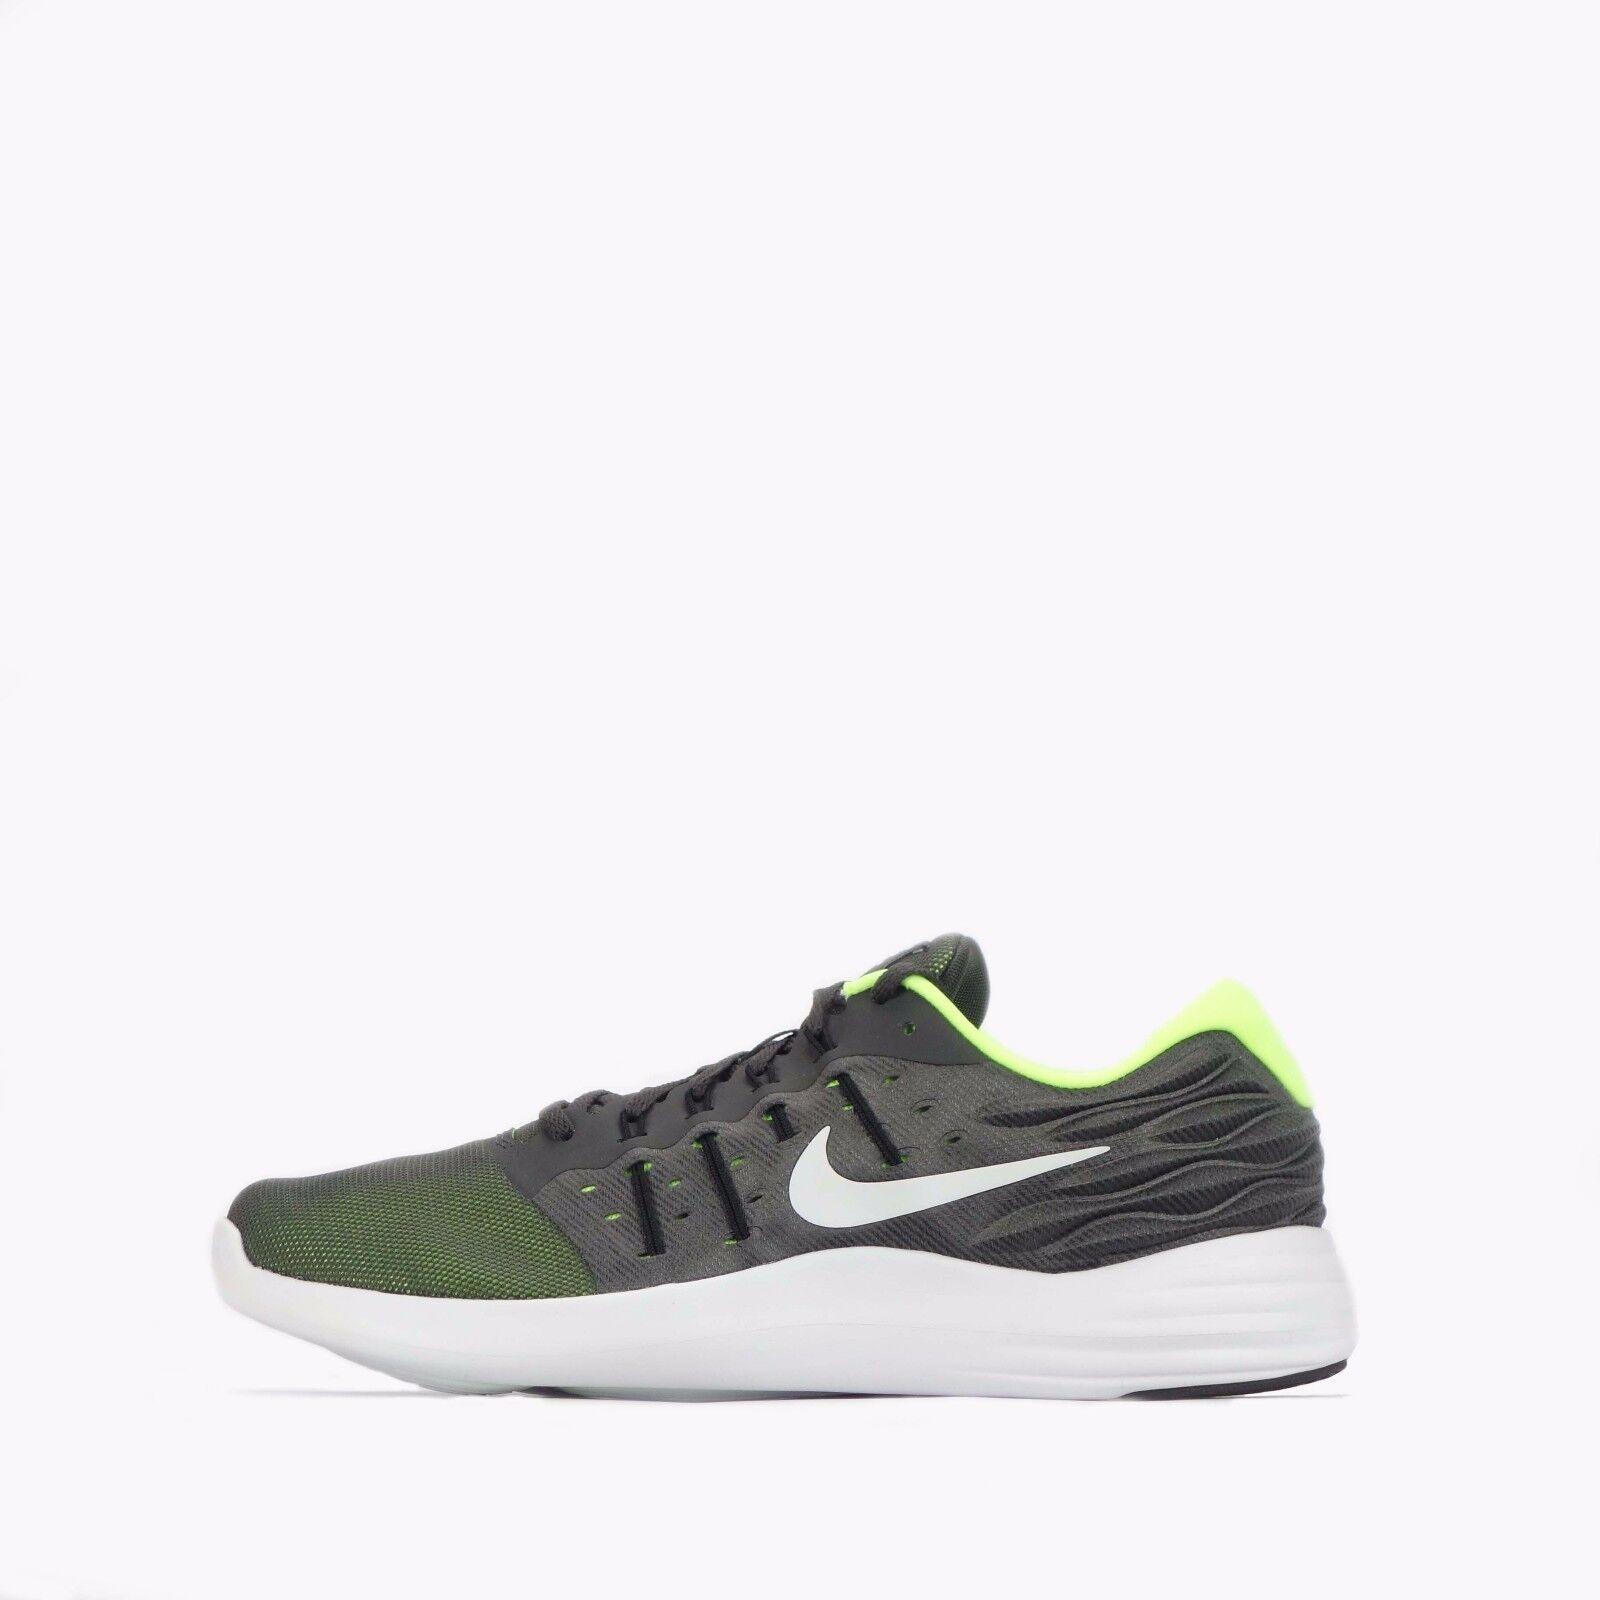 Nike LunarStelos Men's Running Shoes Midnight Fog/White-Black